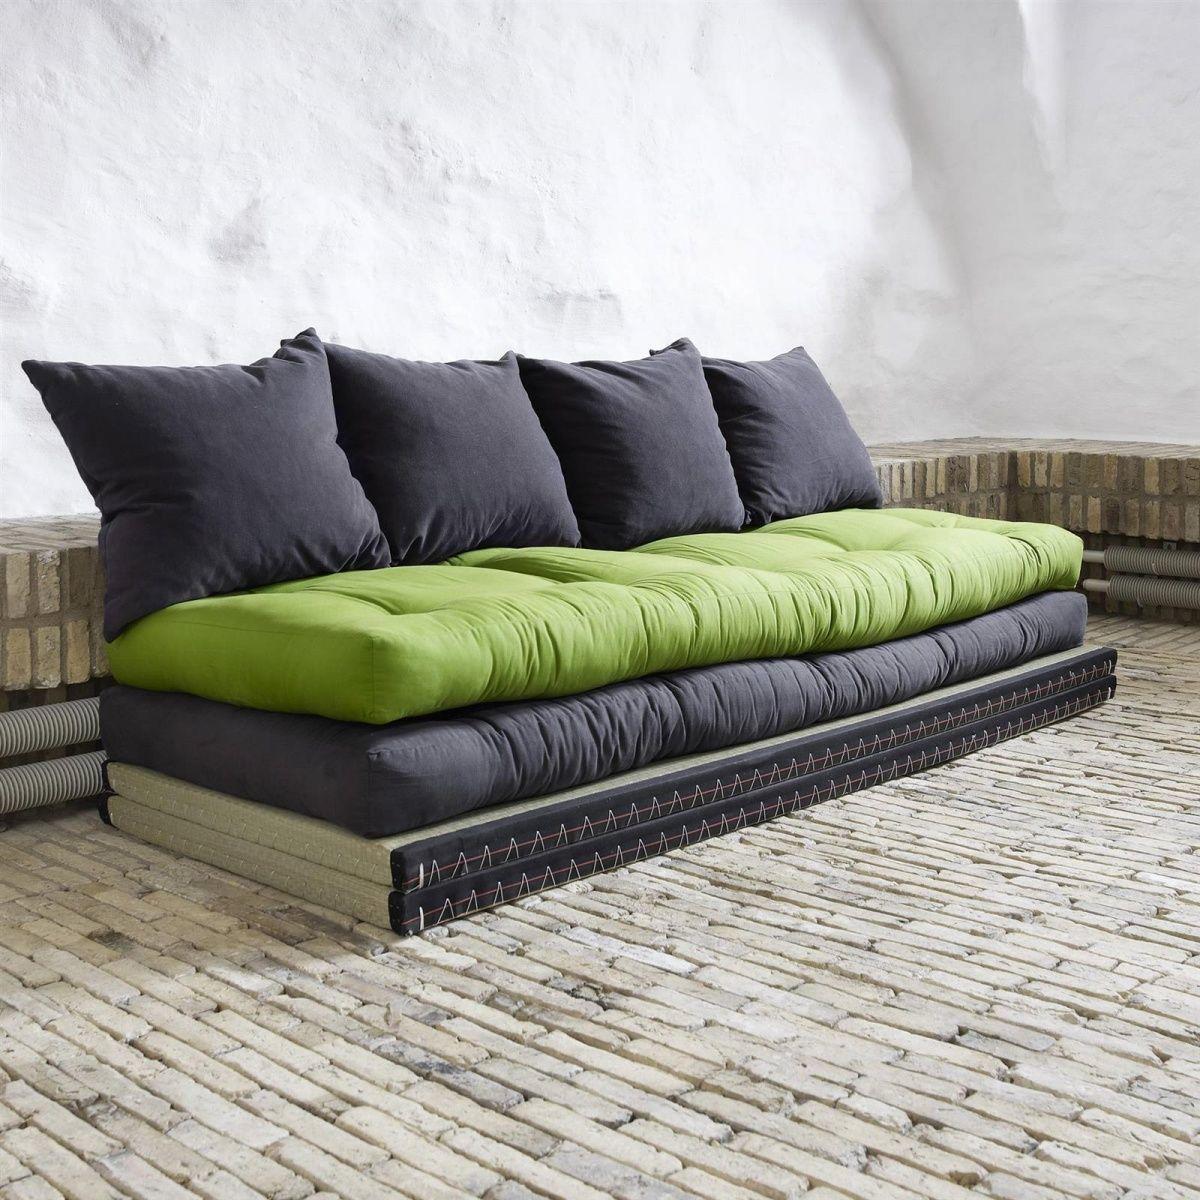 Sofa Bett Chico | Futon wohnzimmer, Futon ideen und Couch ...